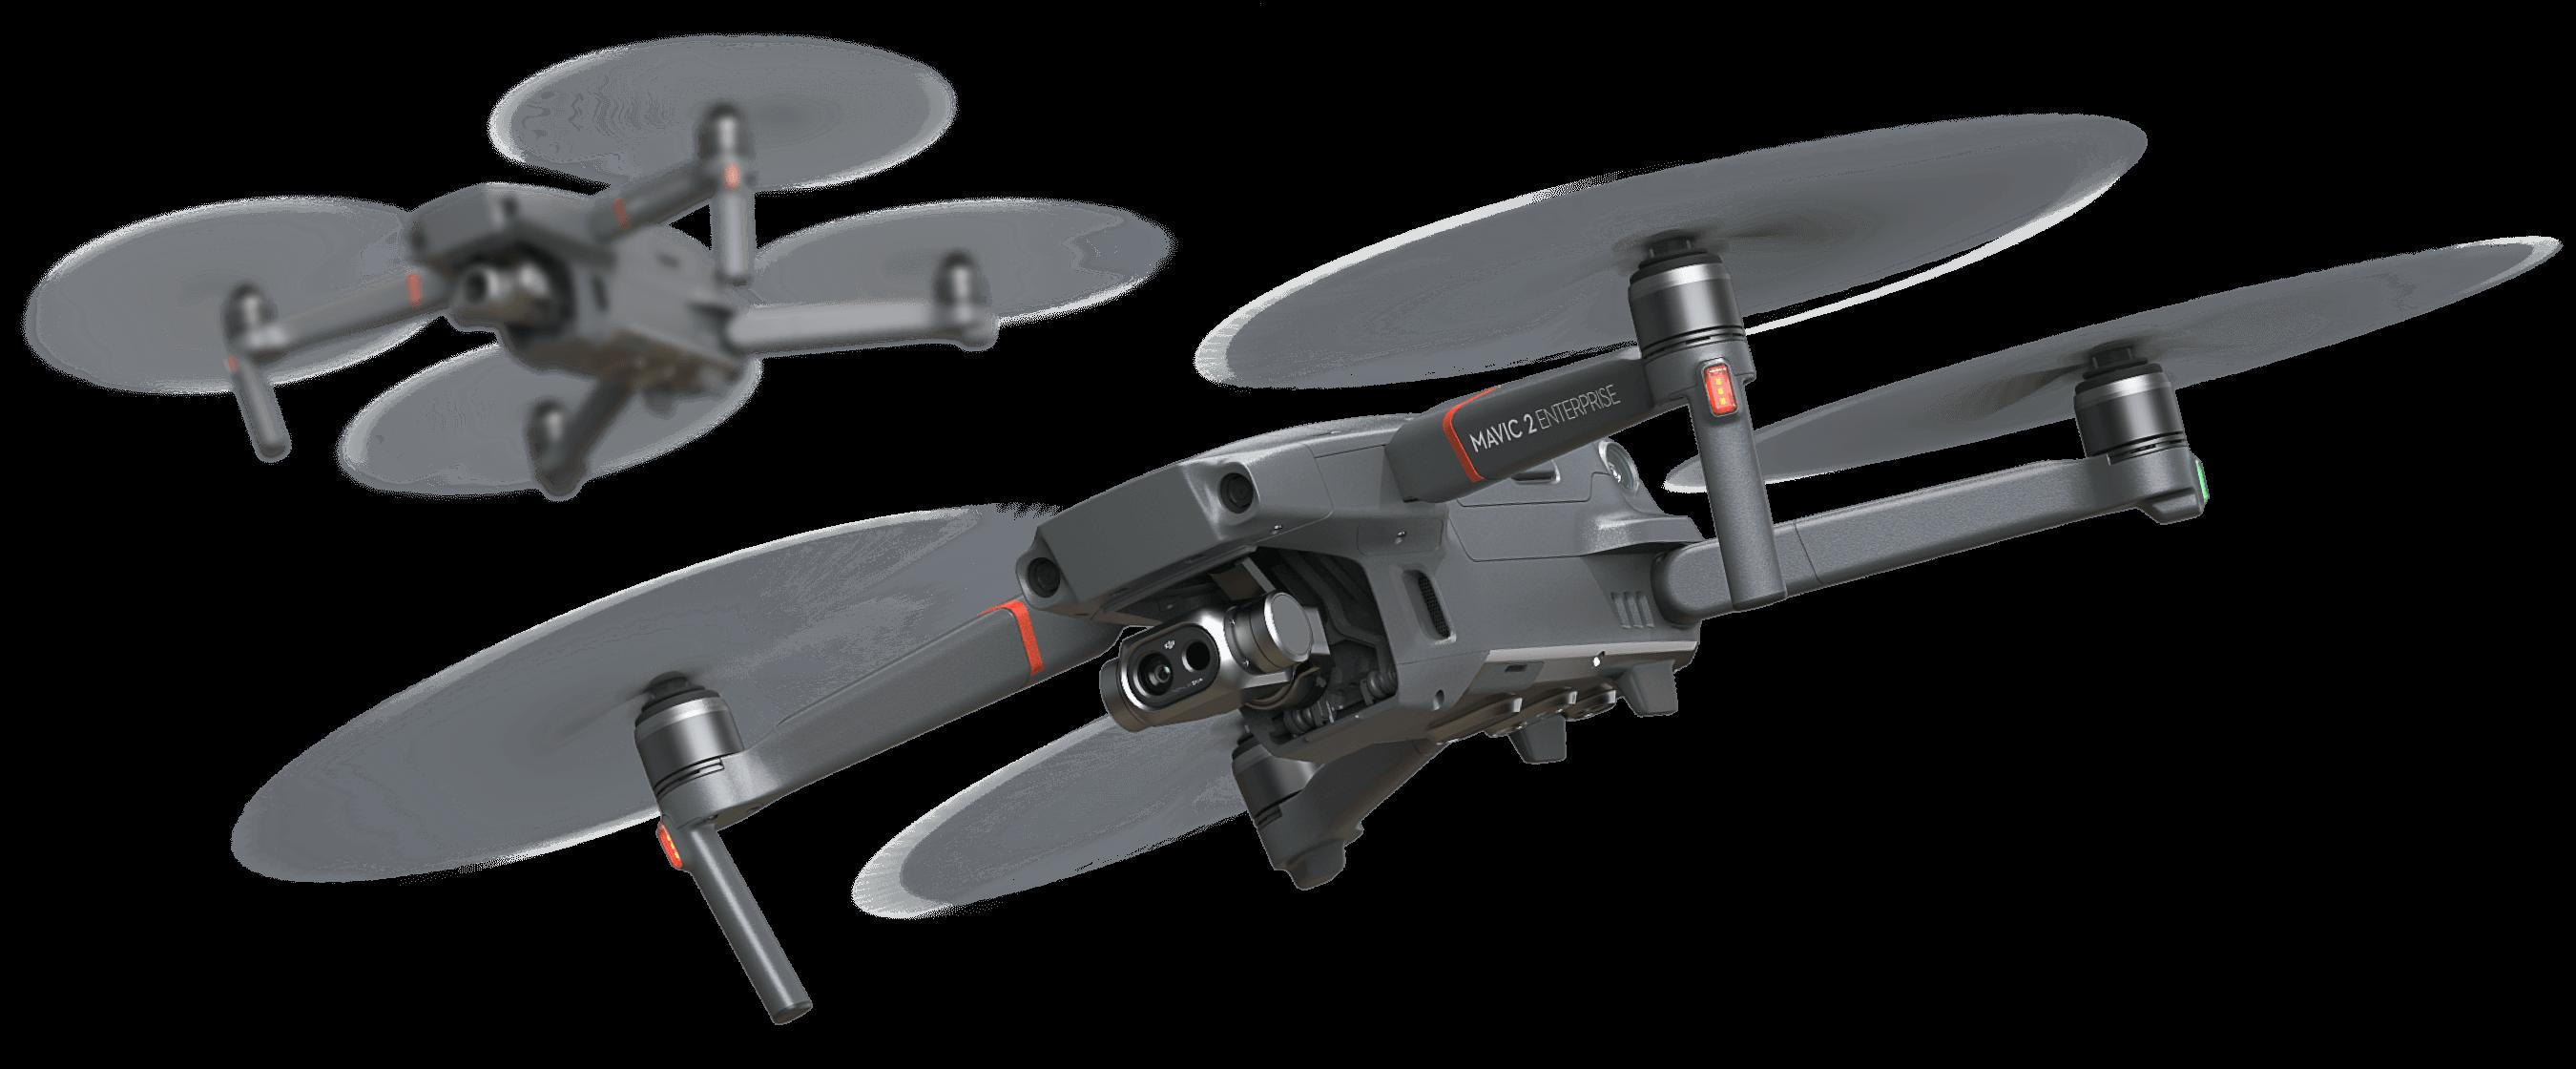 赤外線カメラを搭載した産業用ドローン DJI Mavic 2 Enterprise Dual が発売